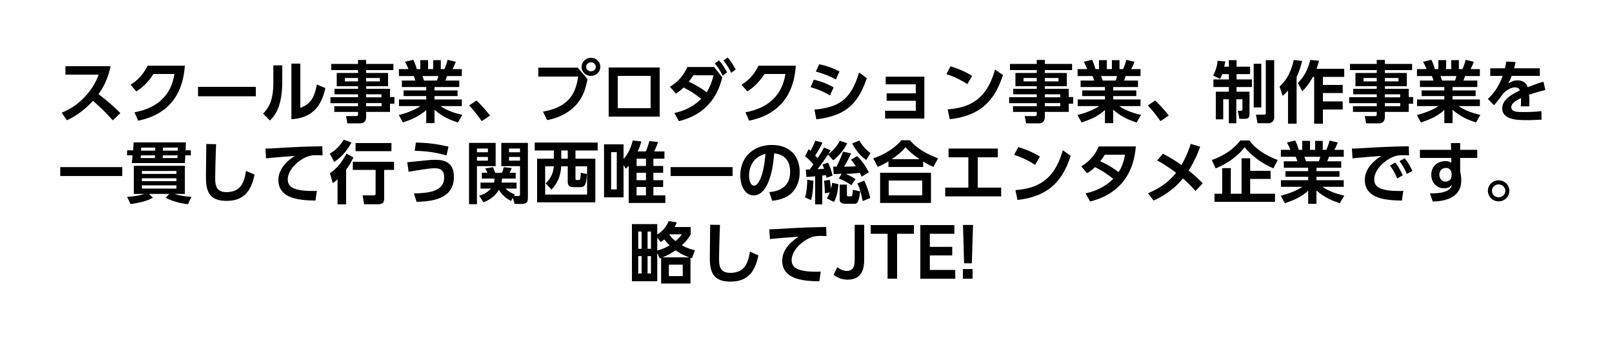 スクール事業、プロダクション事業、制作事業を一貫して行う関西唯一の総合エンタメ企業です。略してJTE!